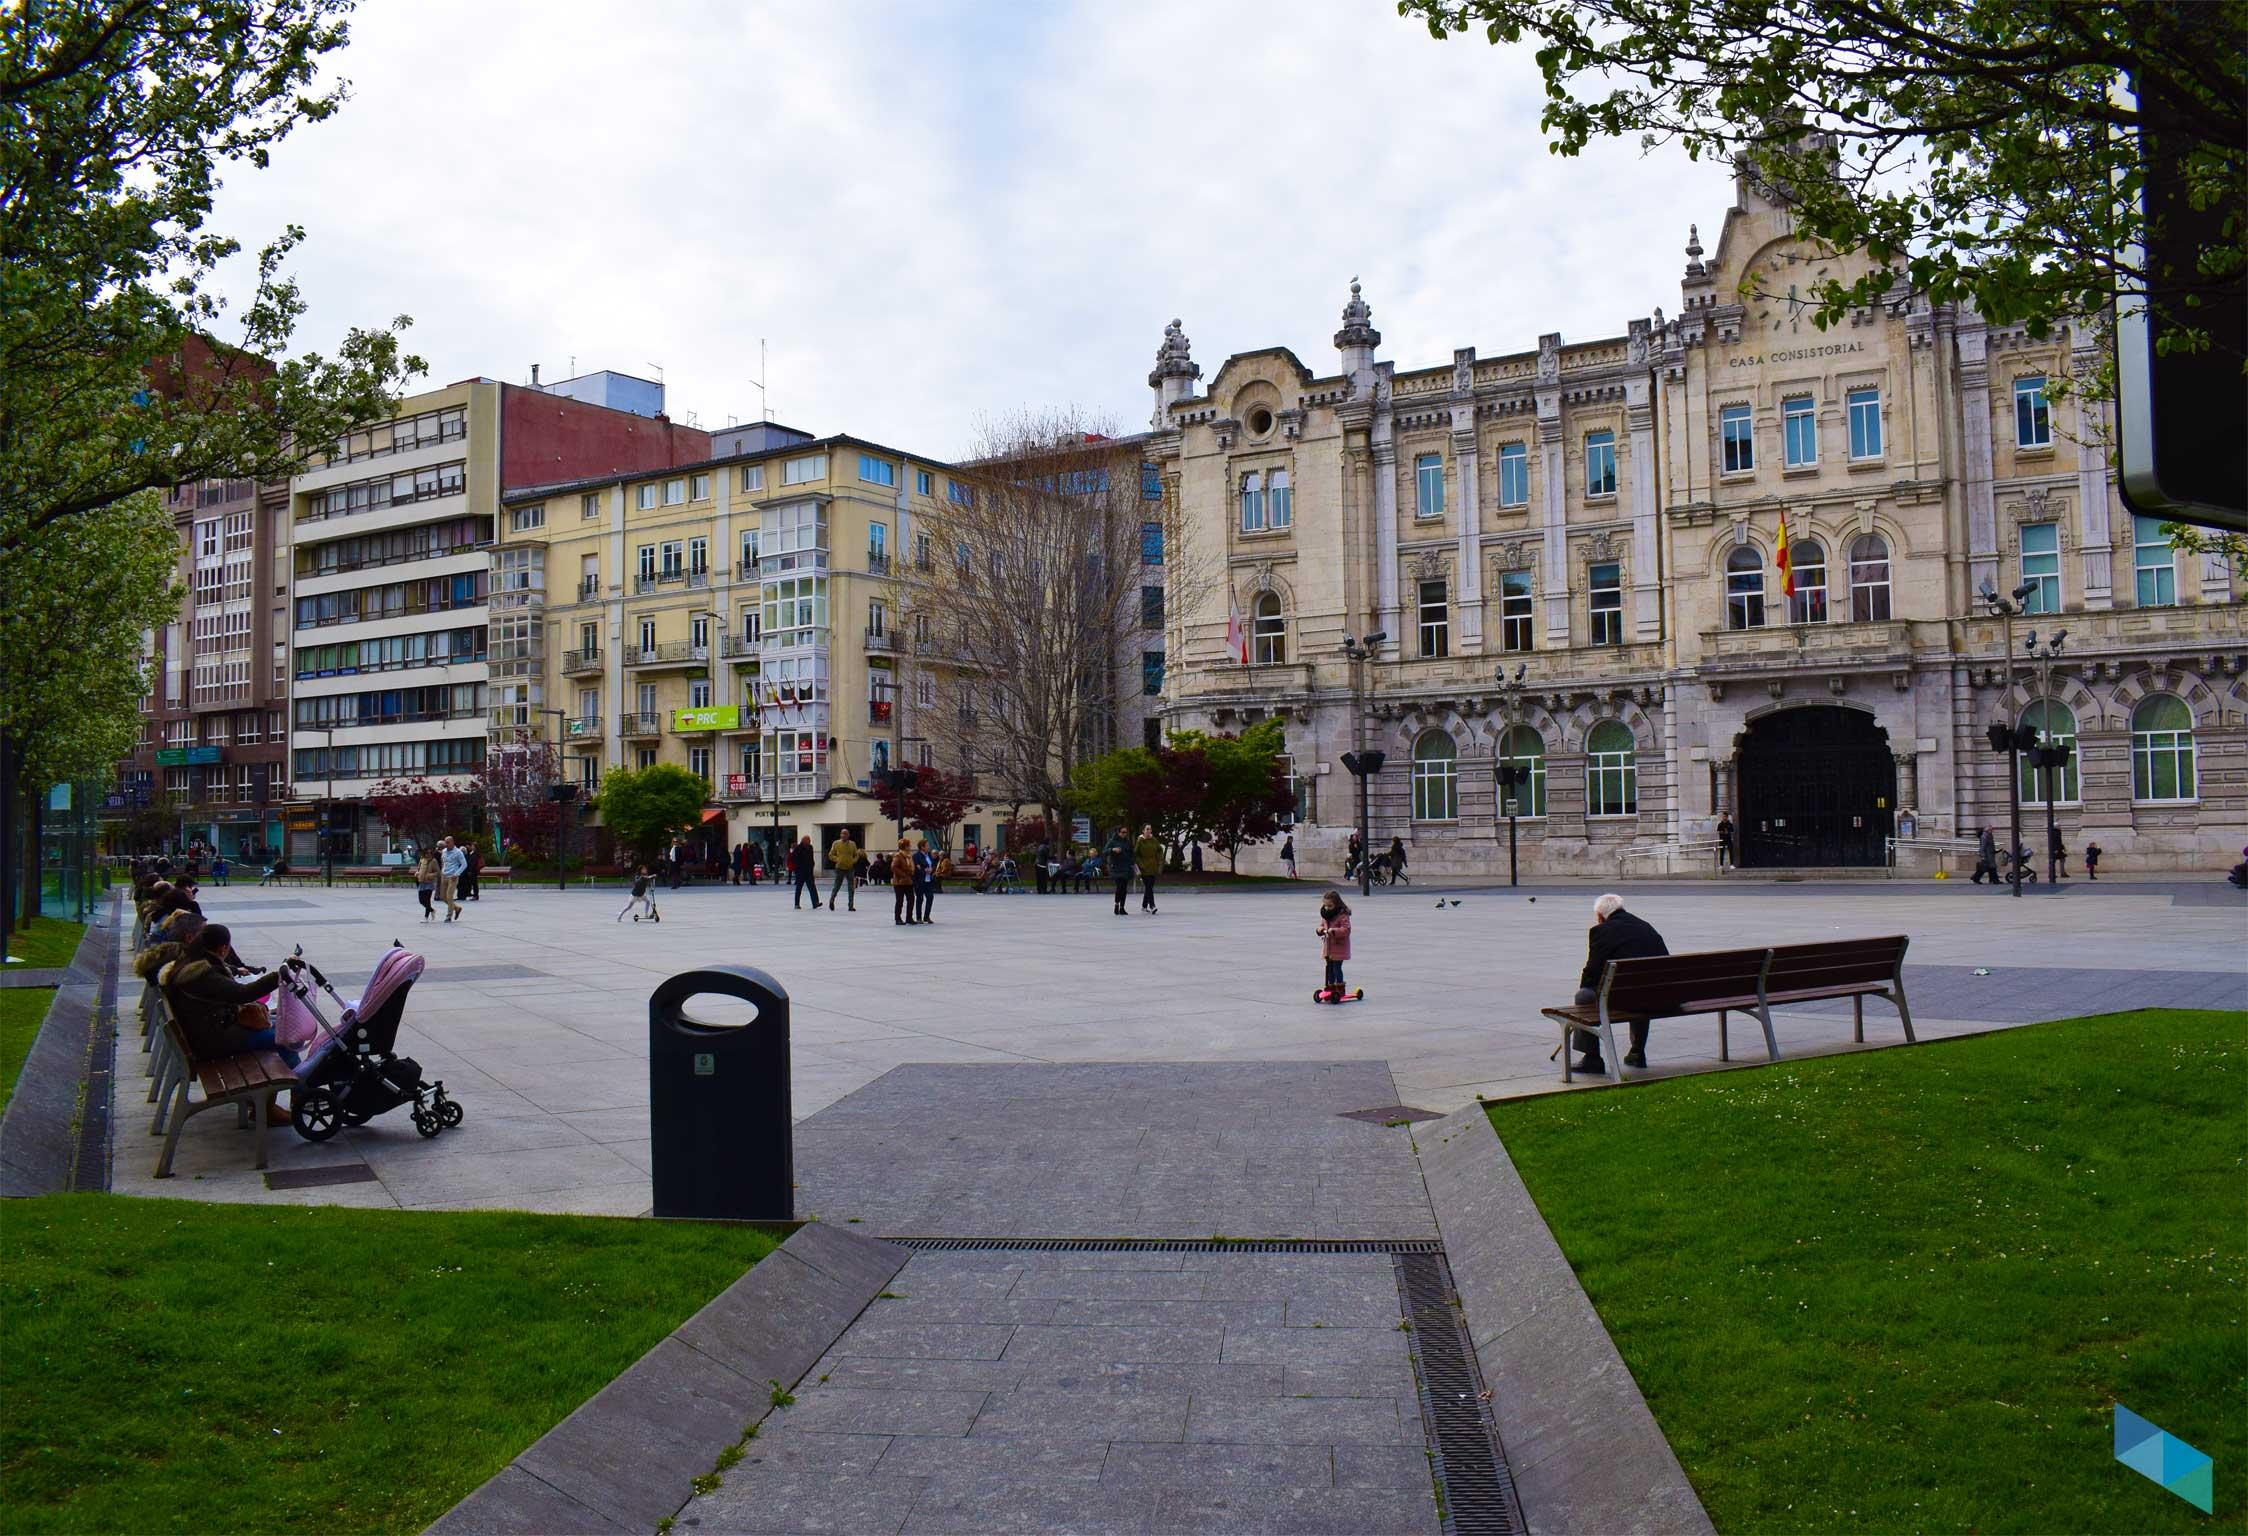 Plaza del Ayuntamiento santander